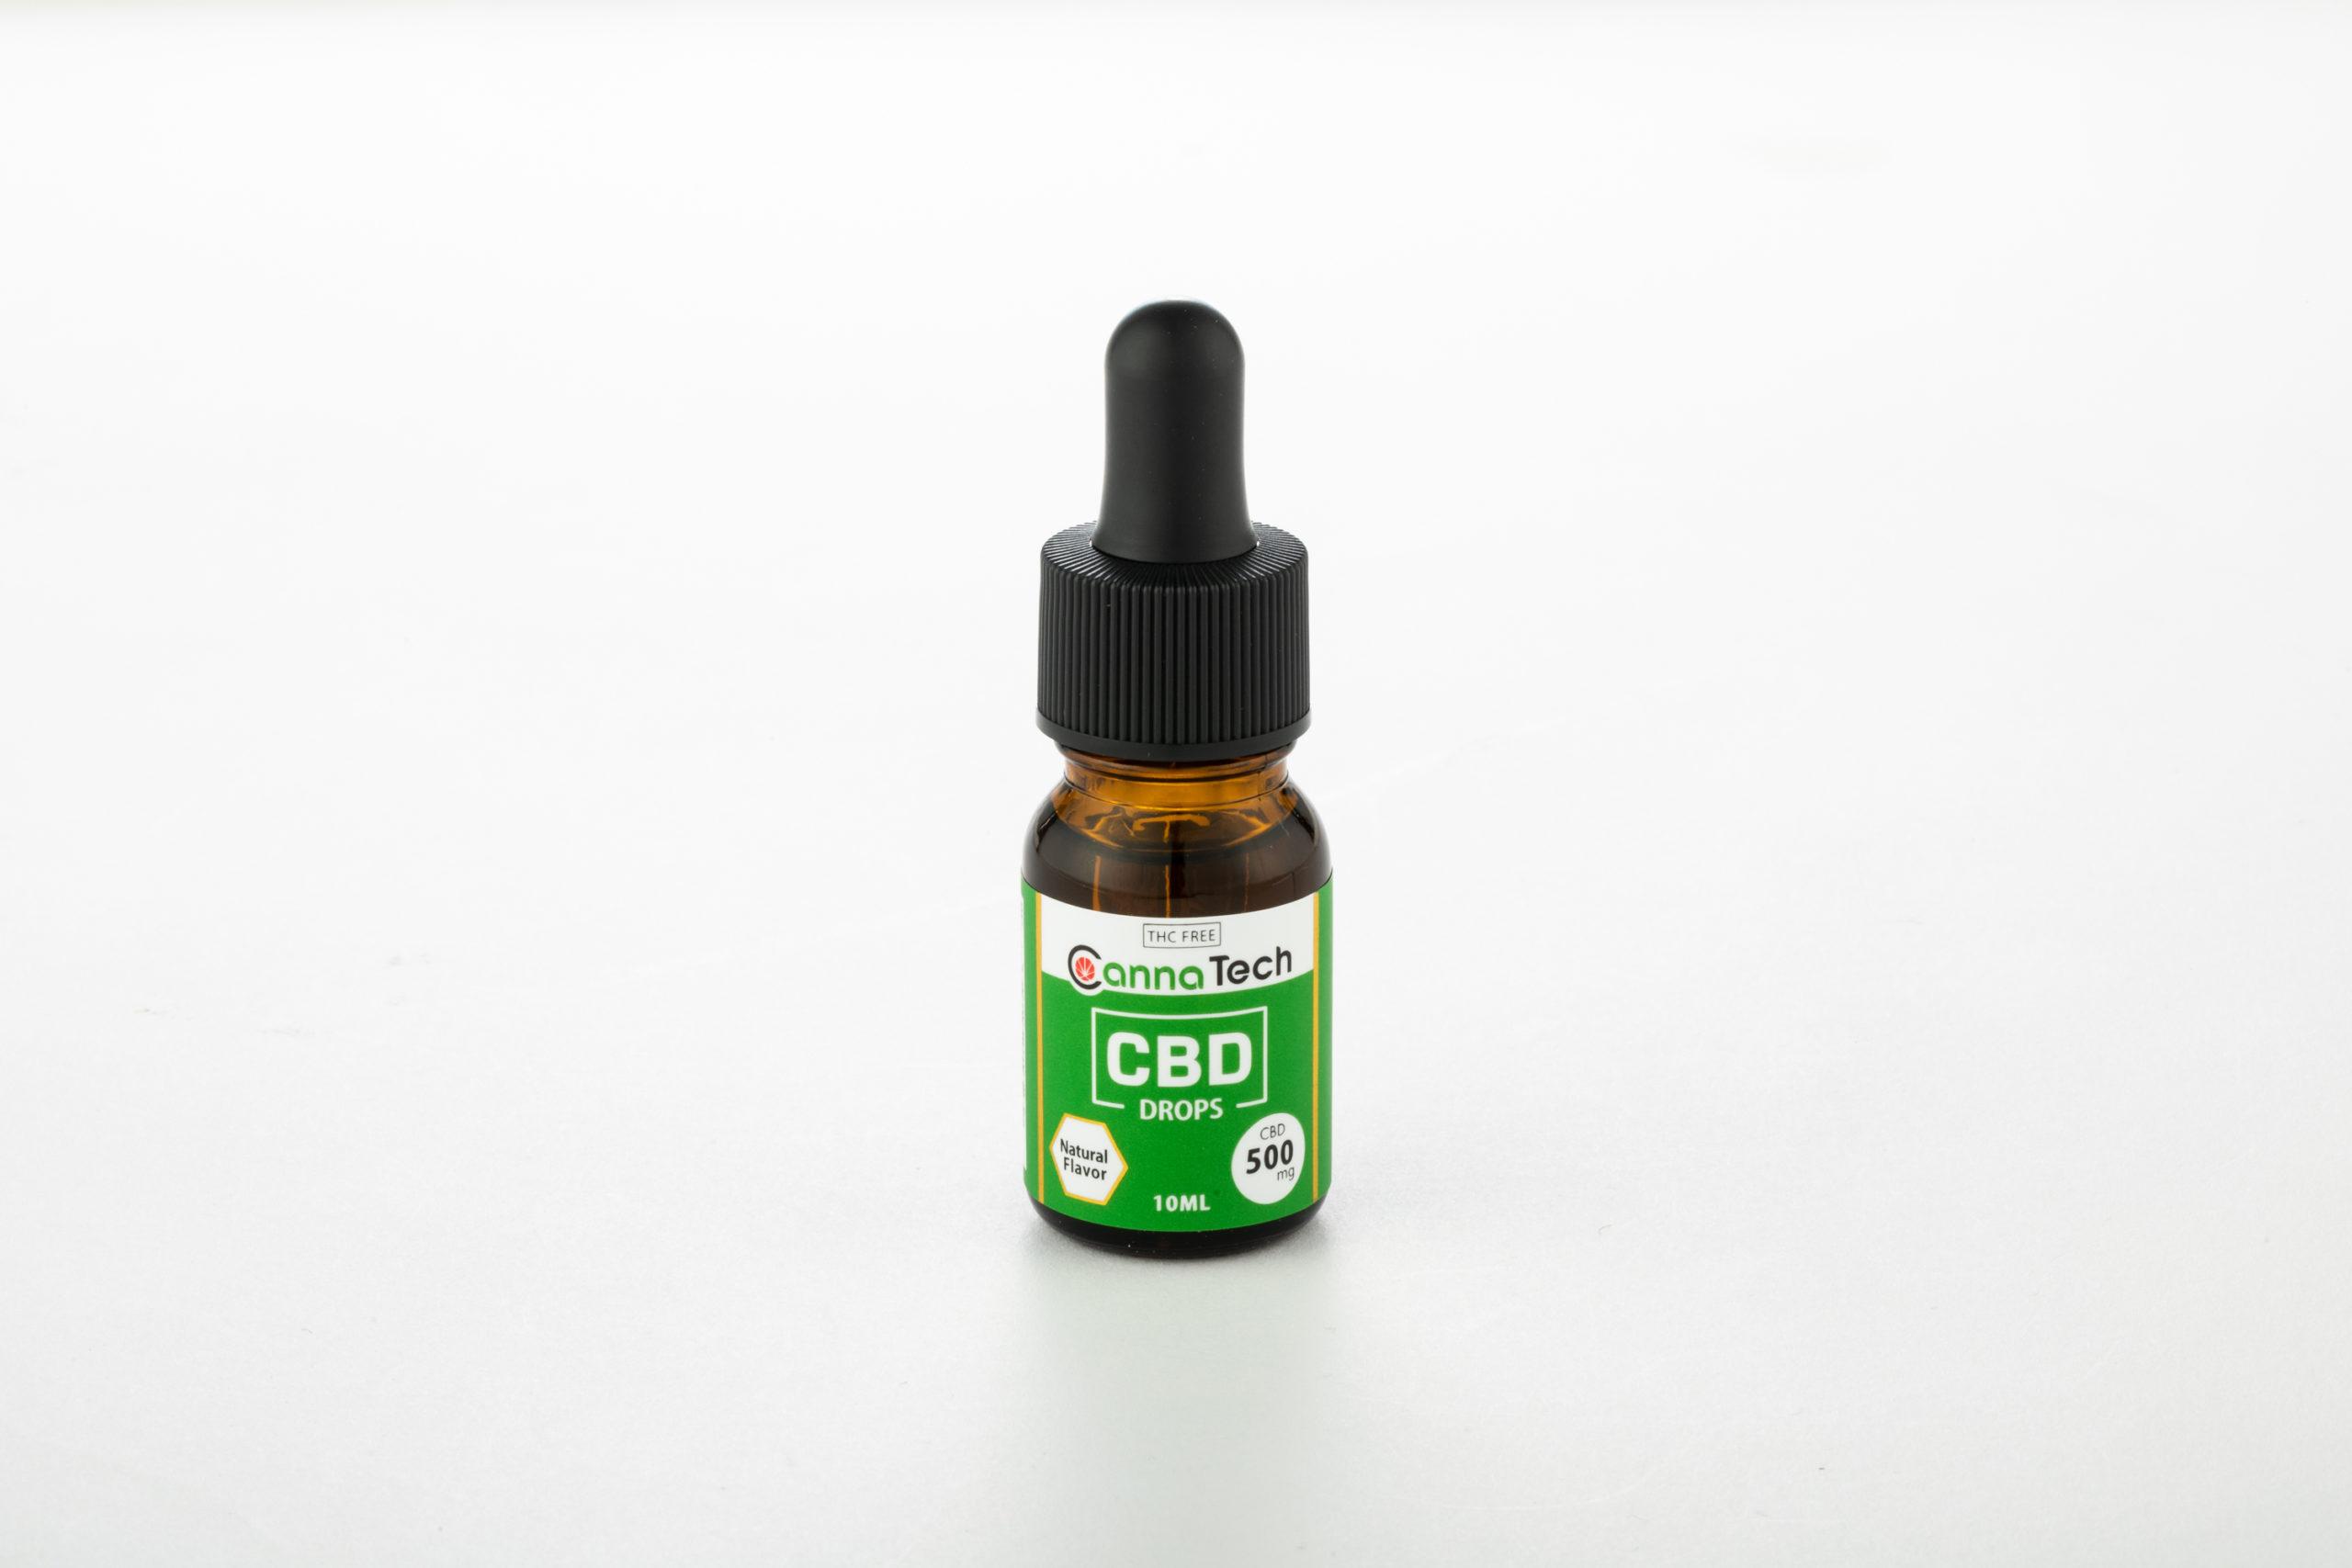 5%Broad Spectrum CBD Oil